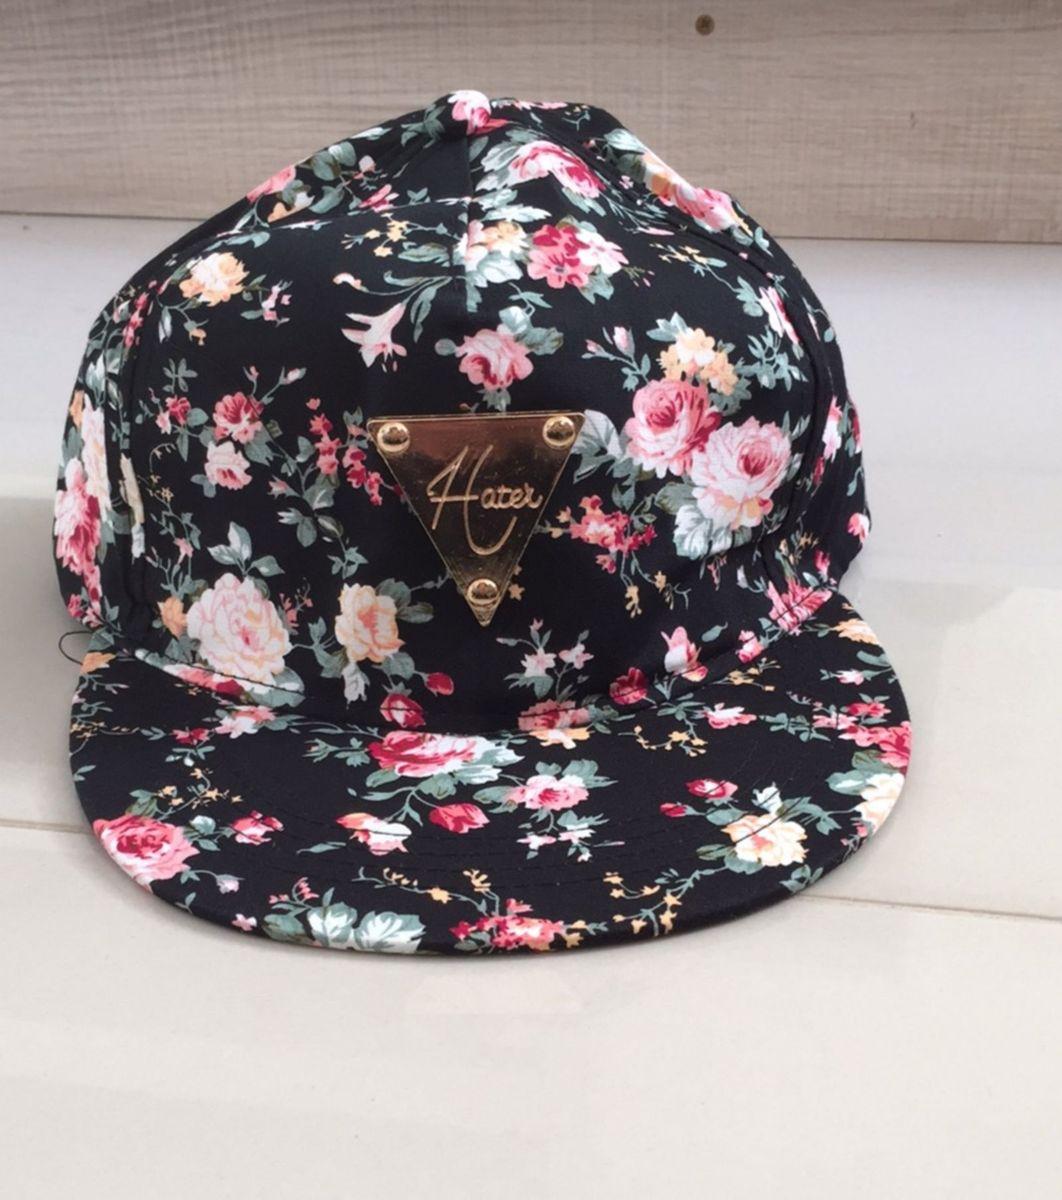 3ee2c9e224460 boné florido ajustavel - chapeu sem marca.  Czm6ly9wag90b3muzw5qb2vplmnvbs5ici9wcm9kdwn0cy80odc1mtkwlzq3nti4yzjlodq3zdvlntqxotbhnzk5njq5ogu3nznmlmpwzw  ...